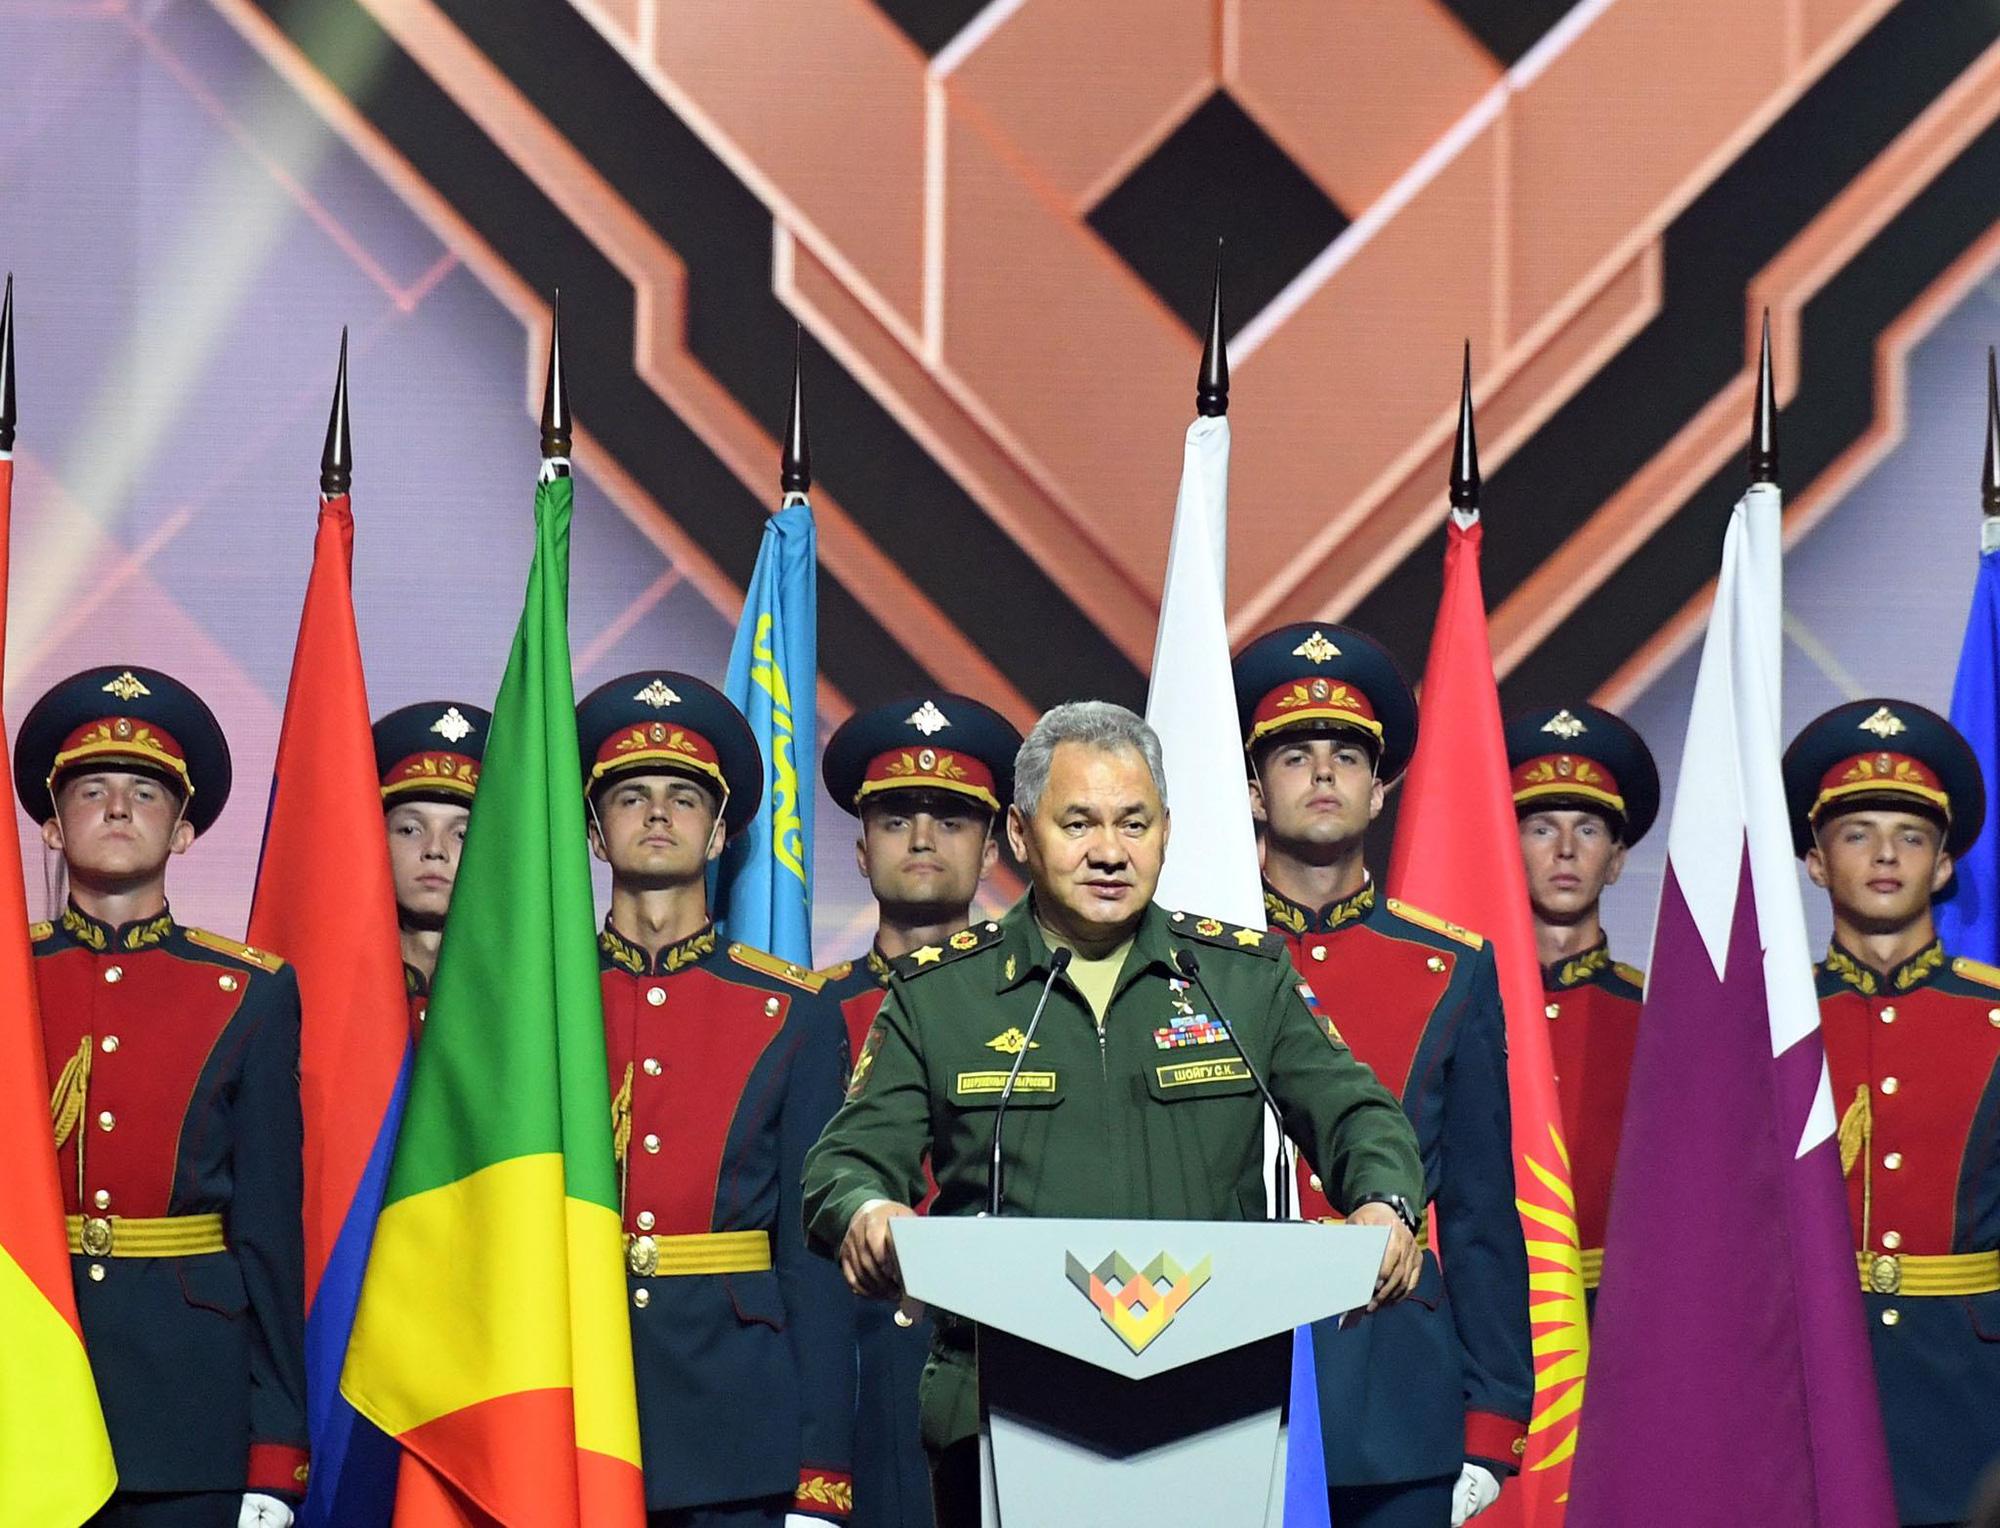 Những hình ảnh ấn tượng, pháo hoa rực rỡ tại lễ bế mạc Army Games 2020 - Ảnh 1.